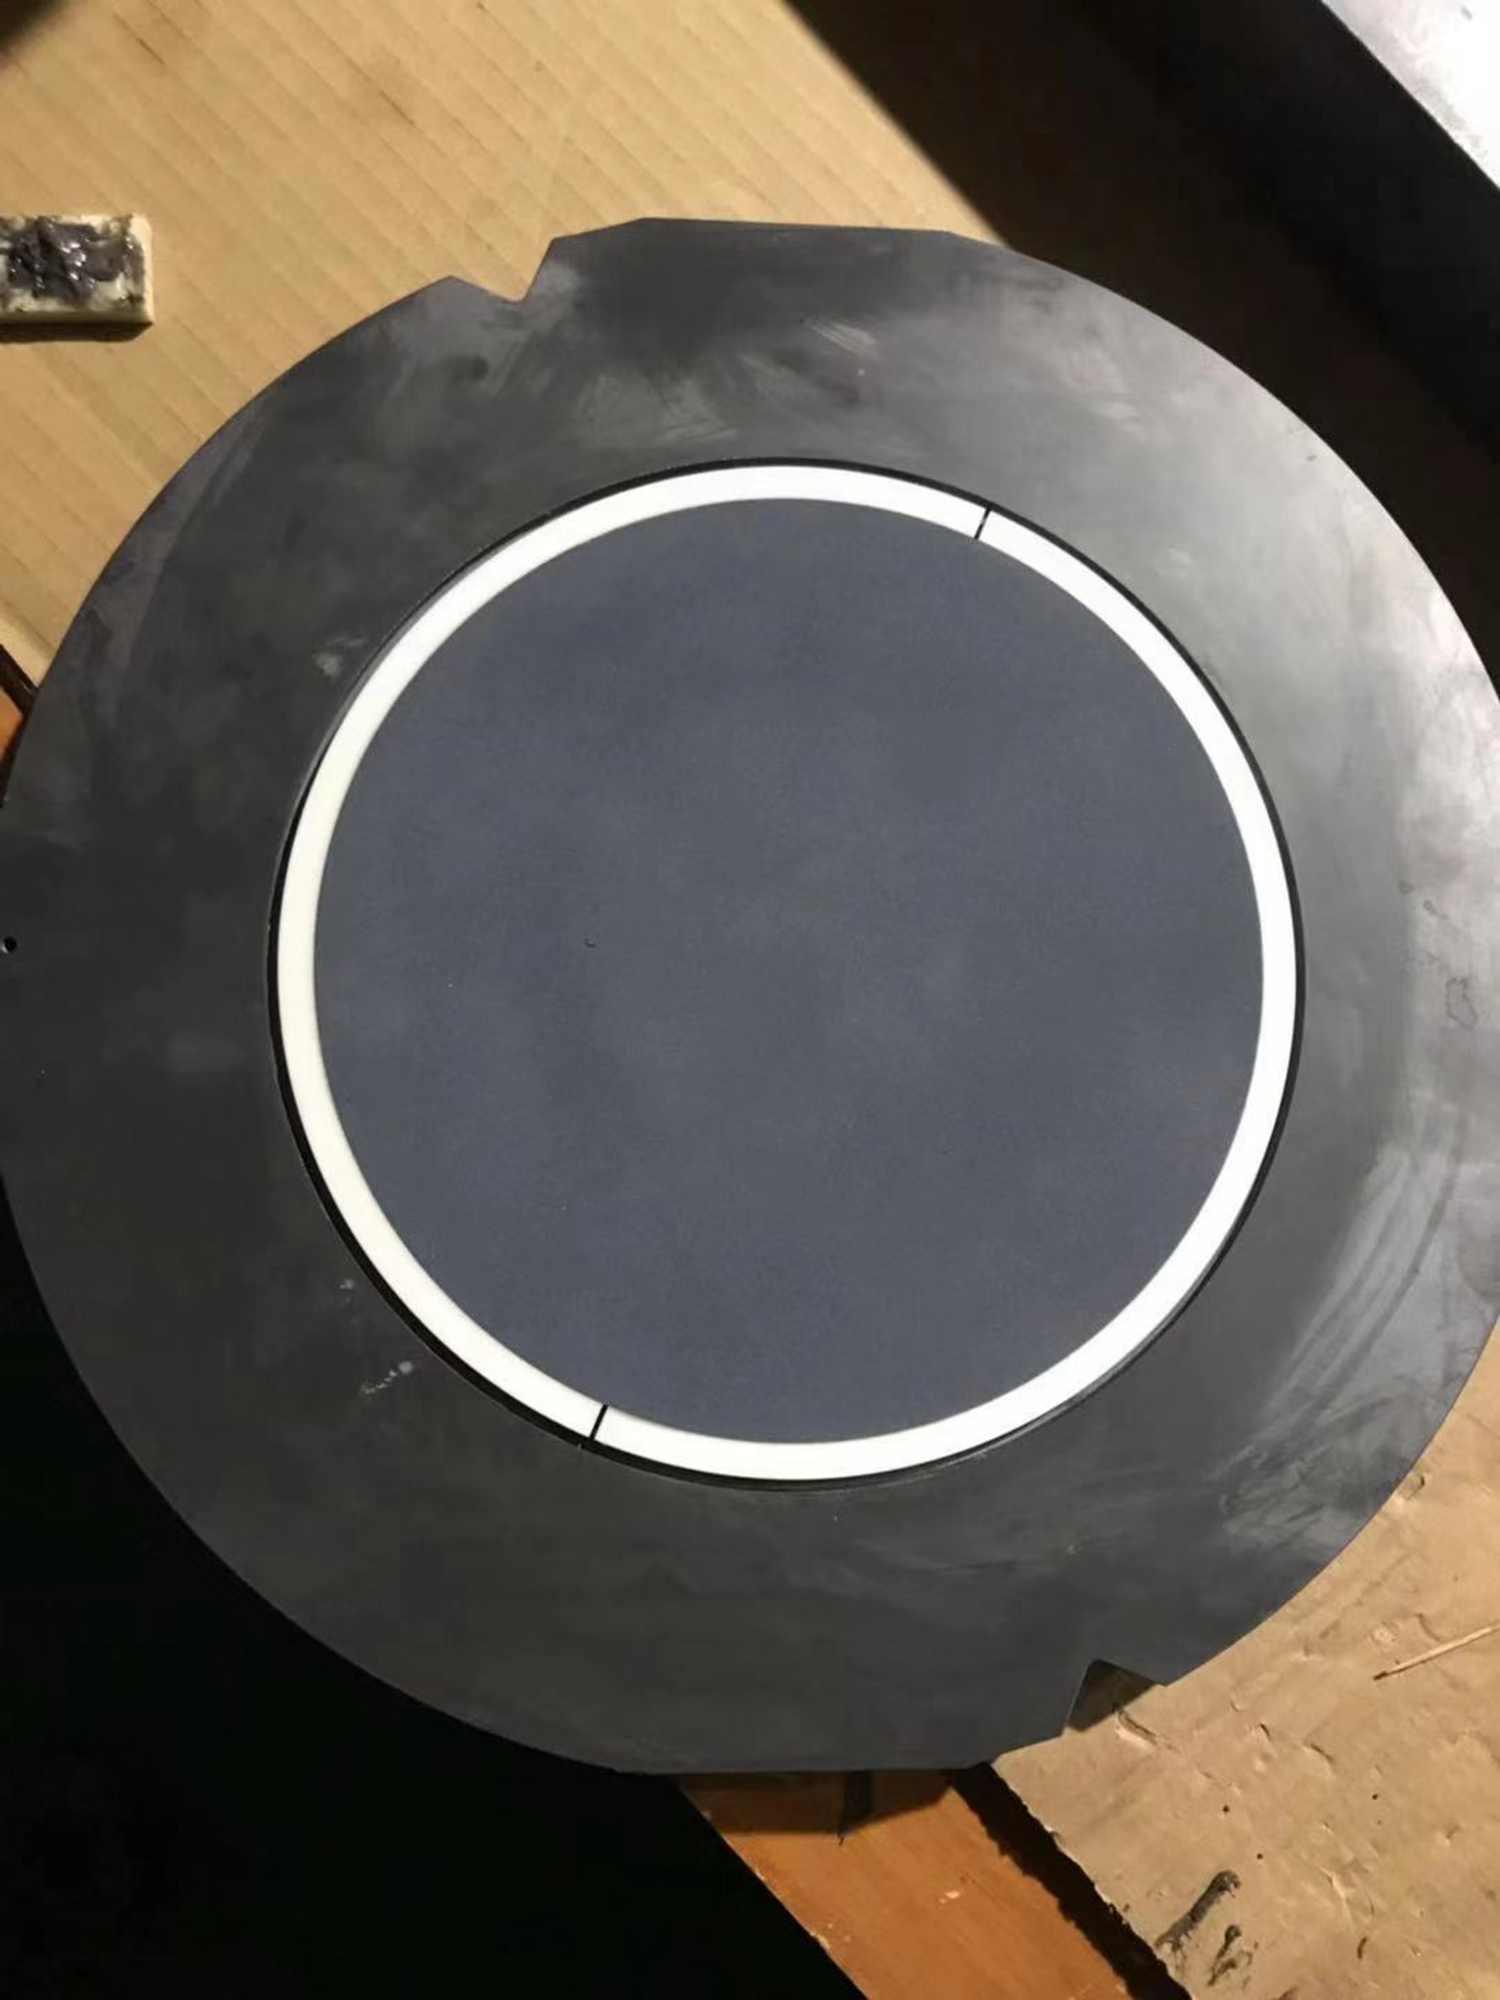 中山库存晶圆运送机械吸臂怎么联系,晶圆运送机械吸臂